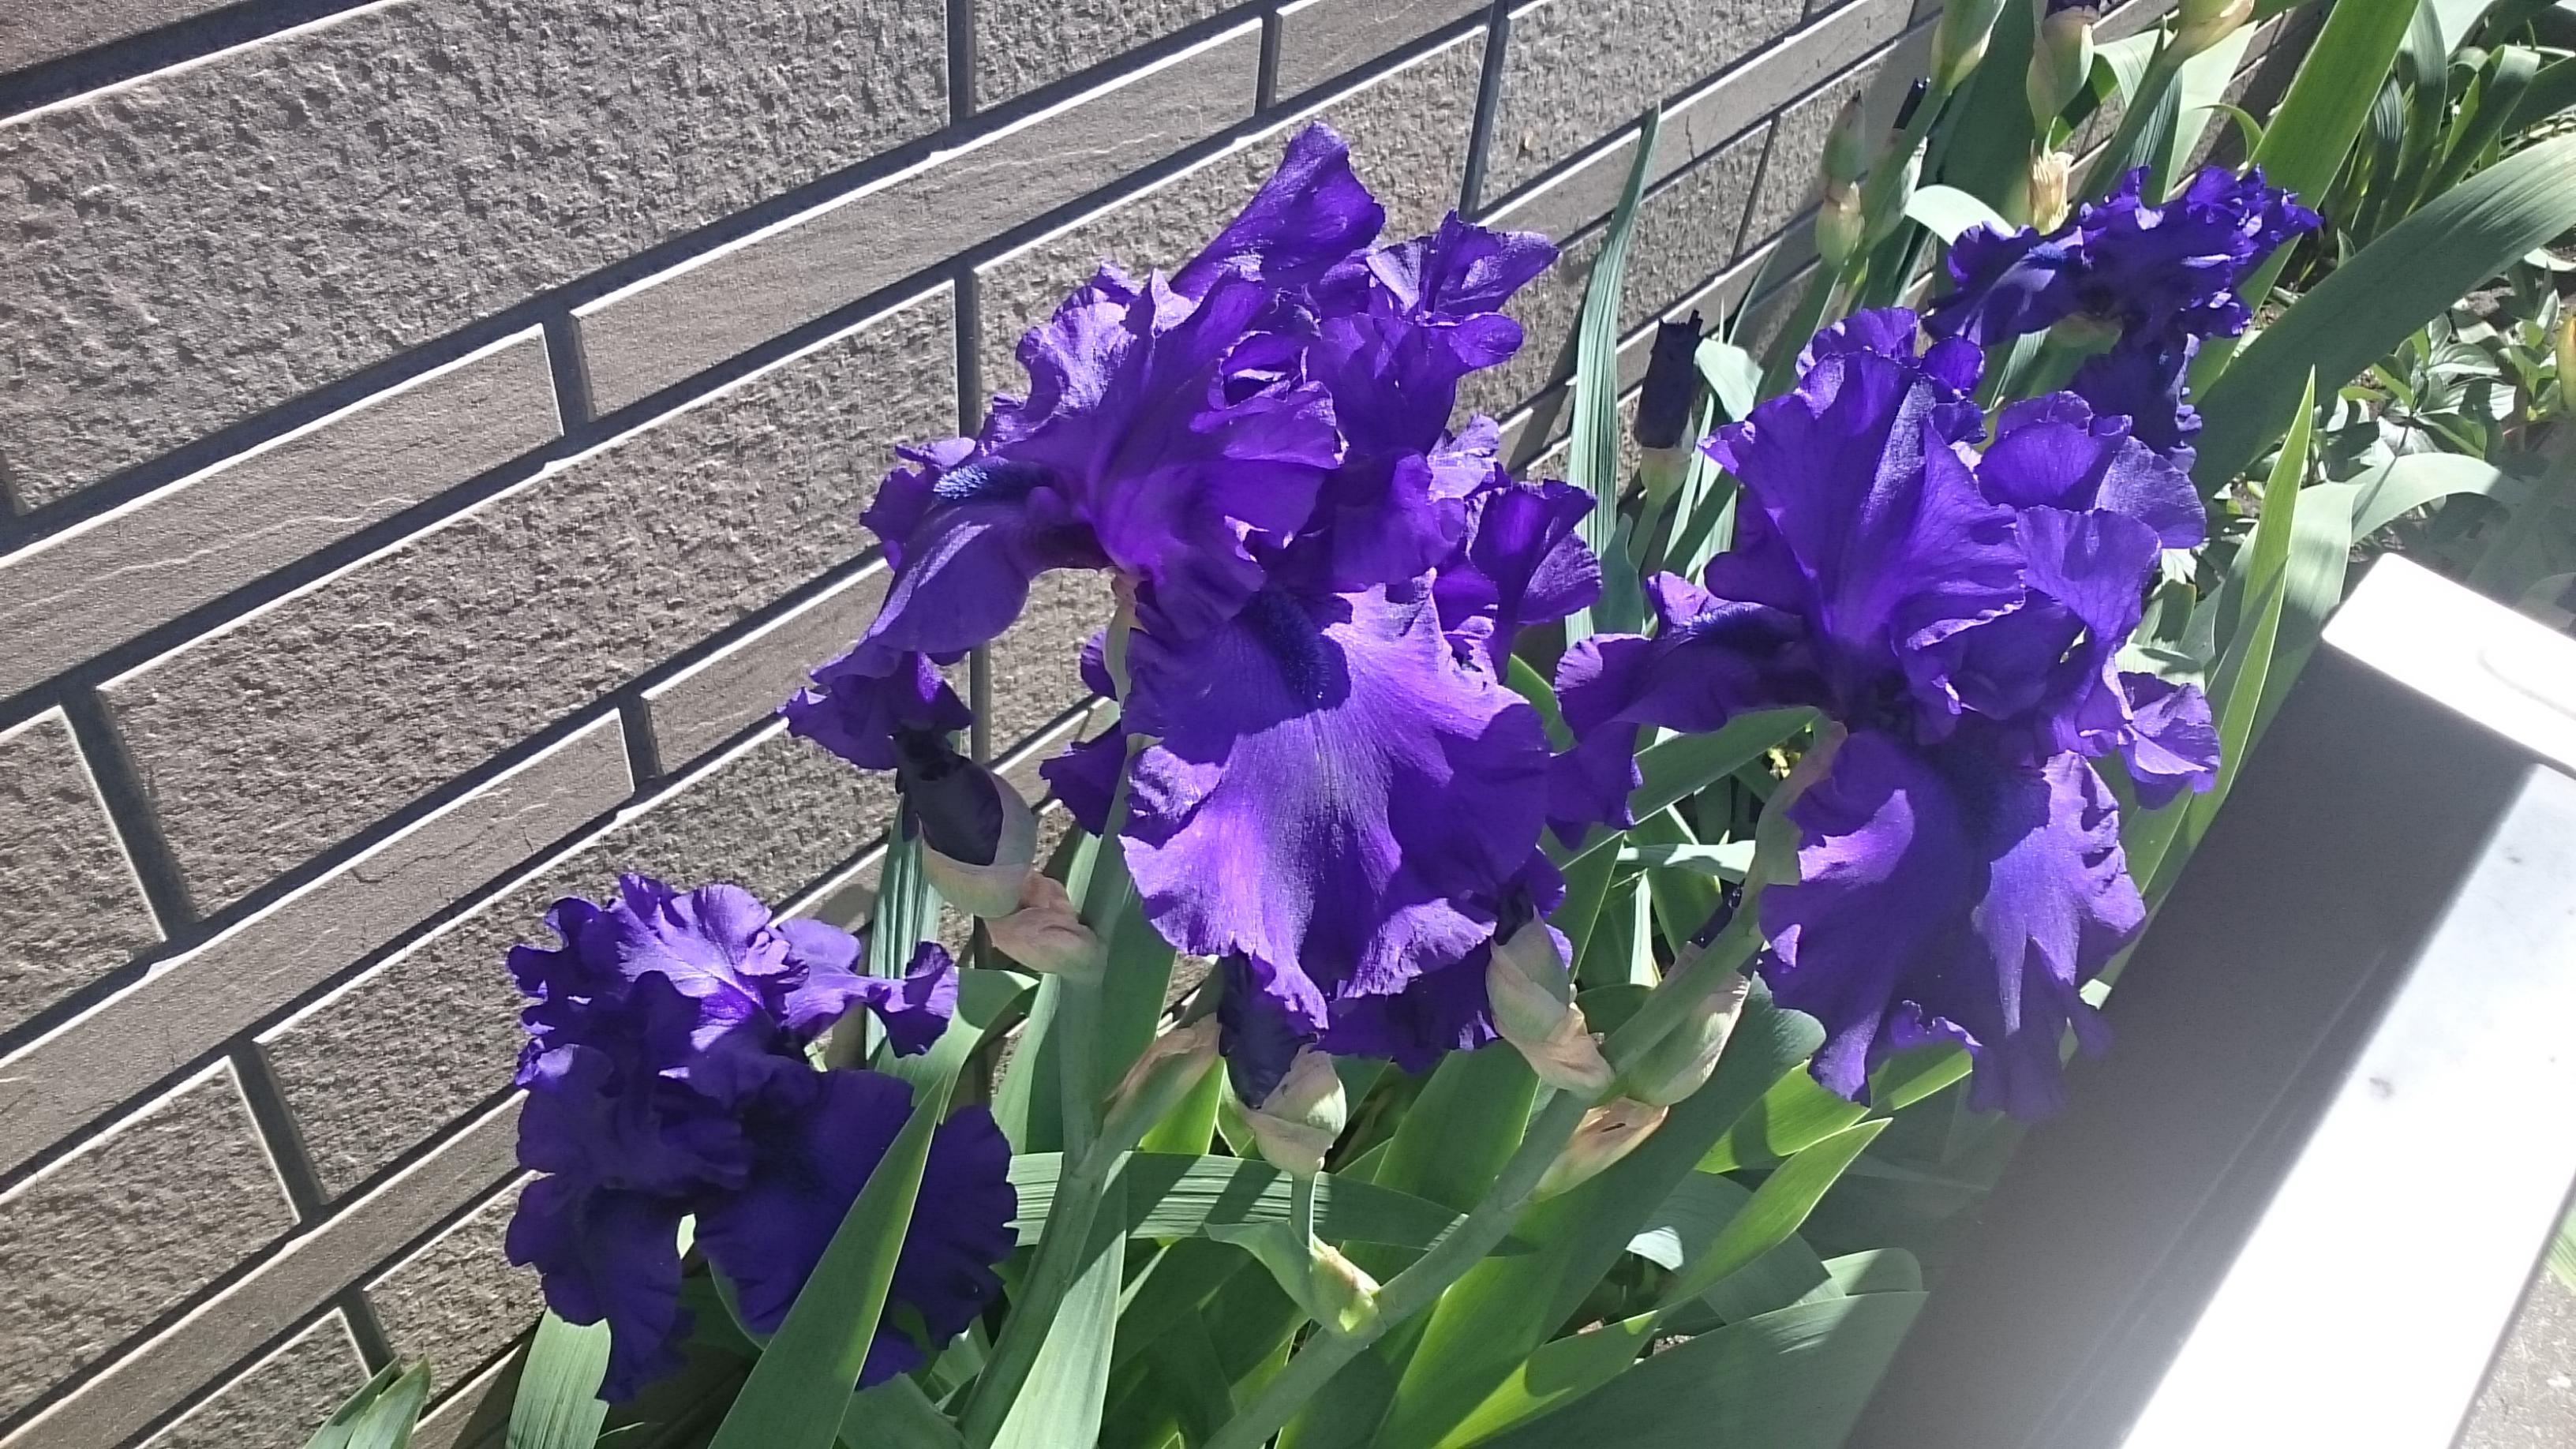 千壽堂のジャーマンアイリスが今年も咲きました